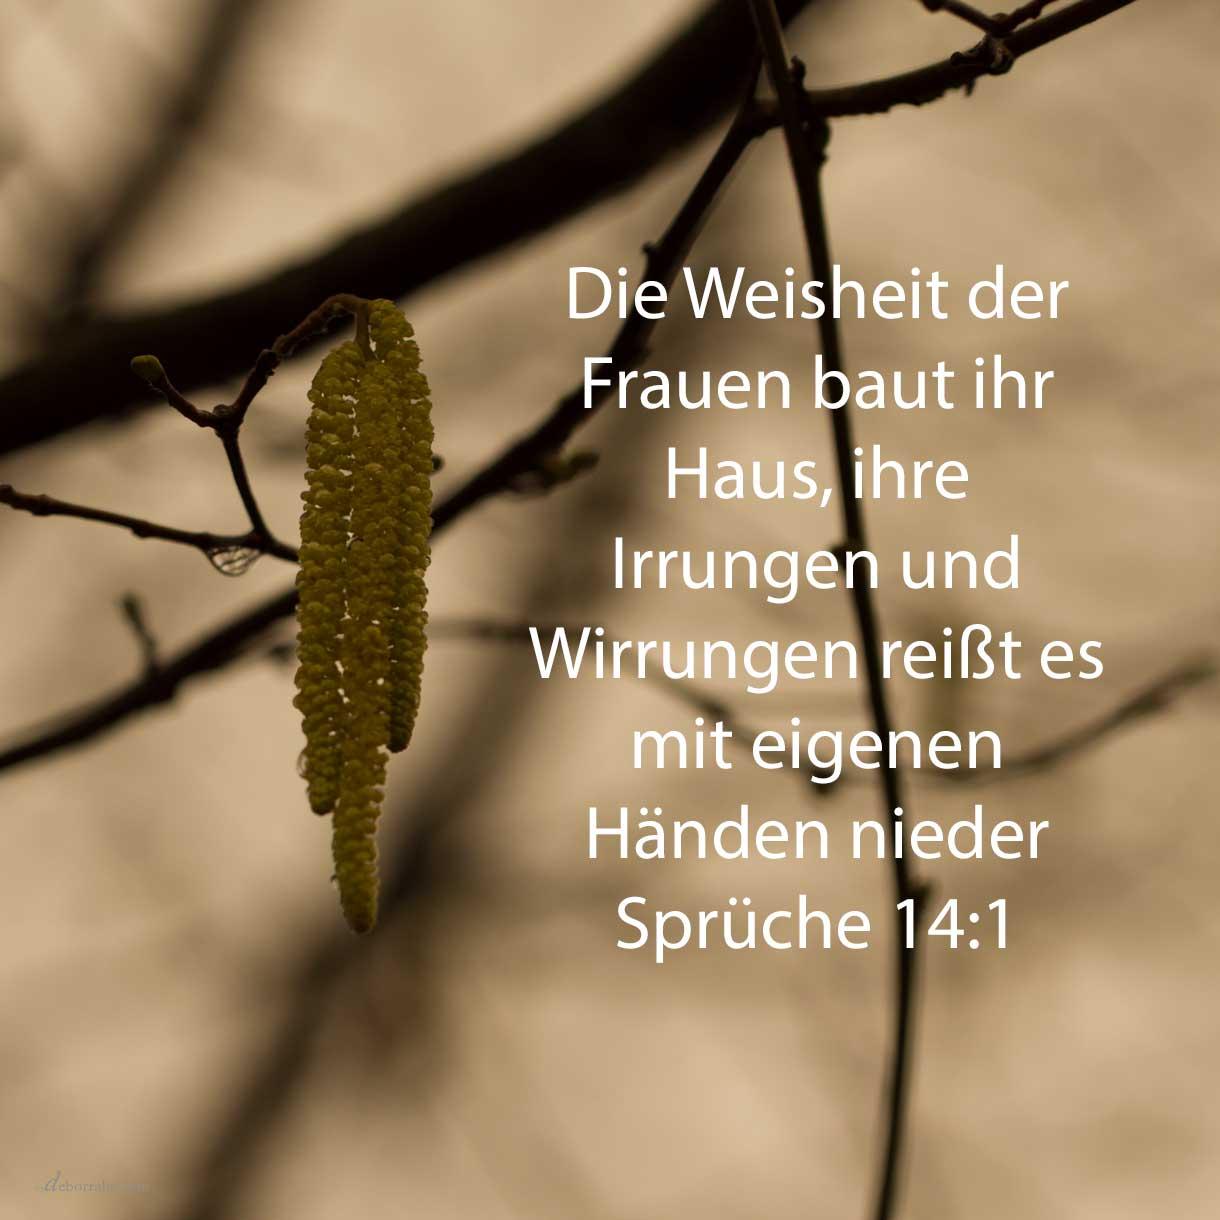 Der Weiber Weisheit baut ihr Haus, und ihre Narrheit reißt es mit eigenen Händen nieder ( Sprüche 14,1 )